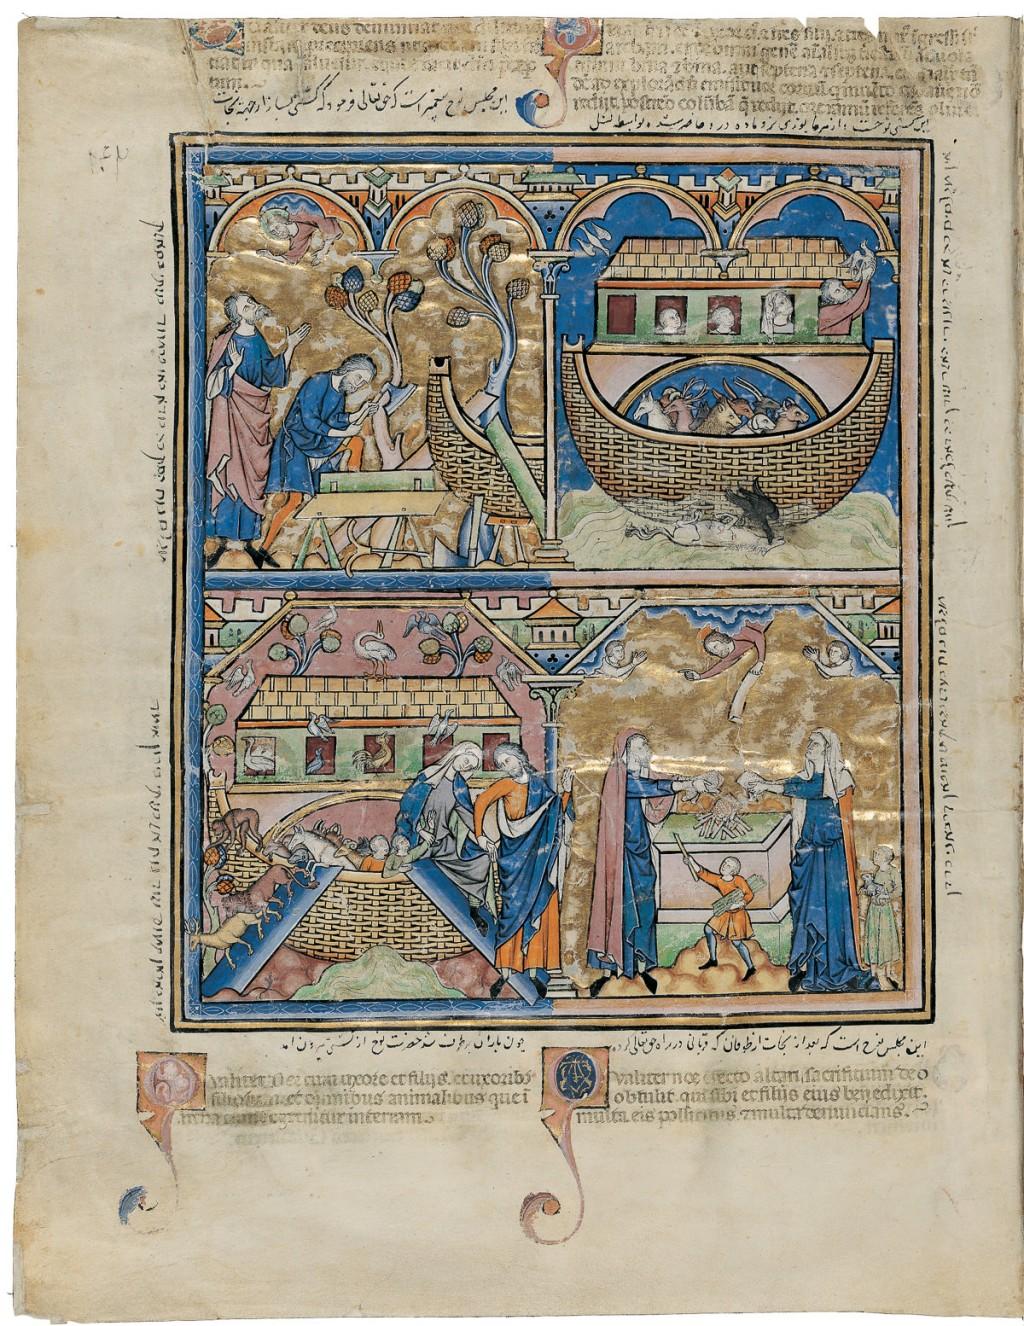 Illuminated page from the Morgan Crusader's Bible